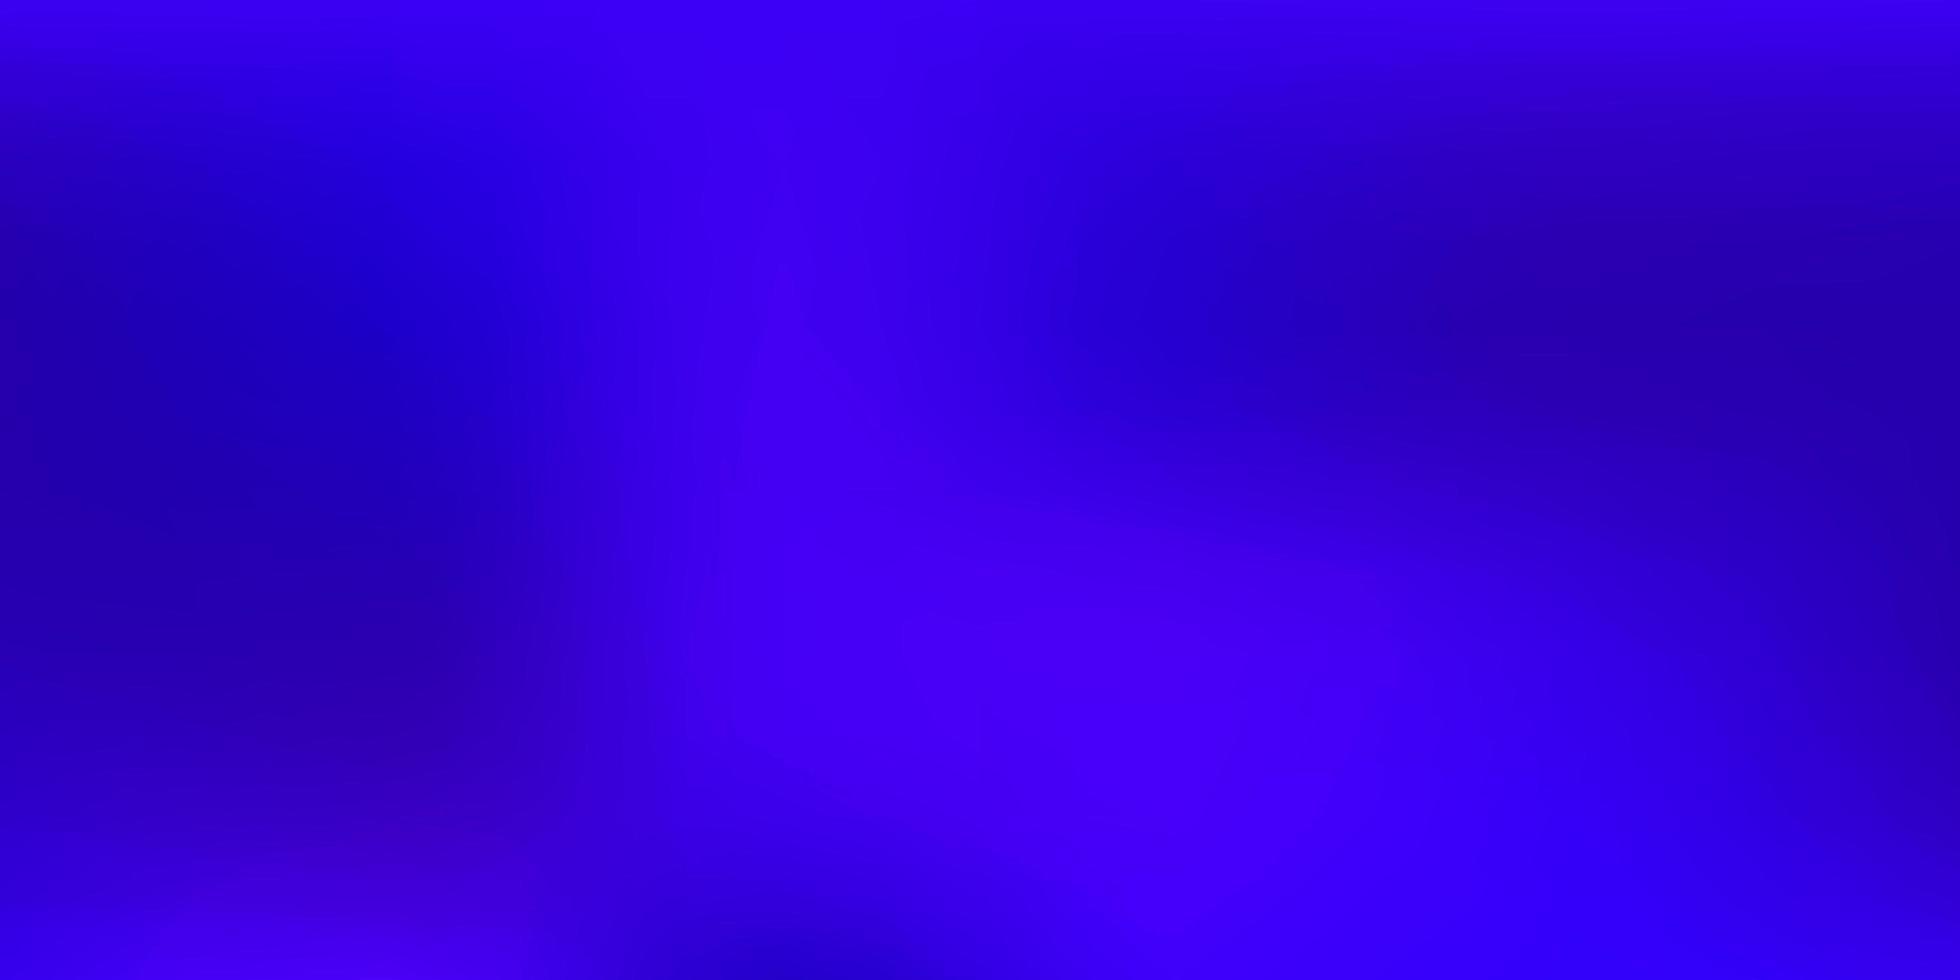 fundo desfocado azul escuro vetor